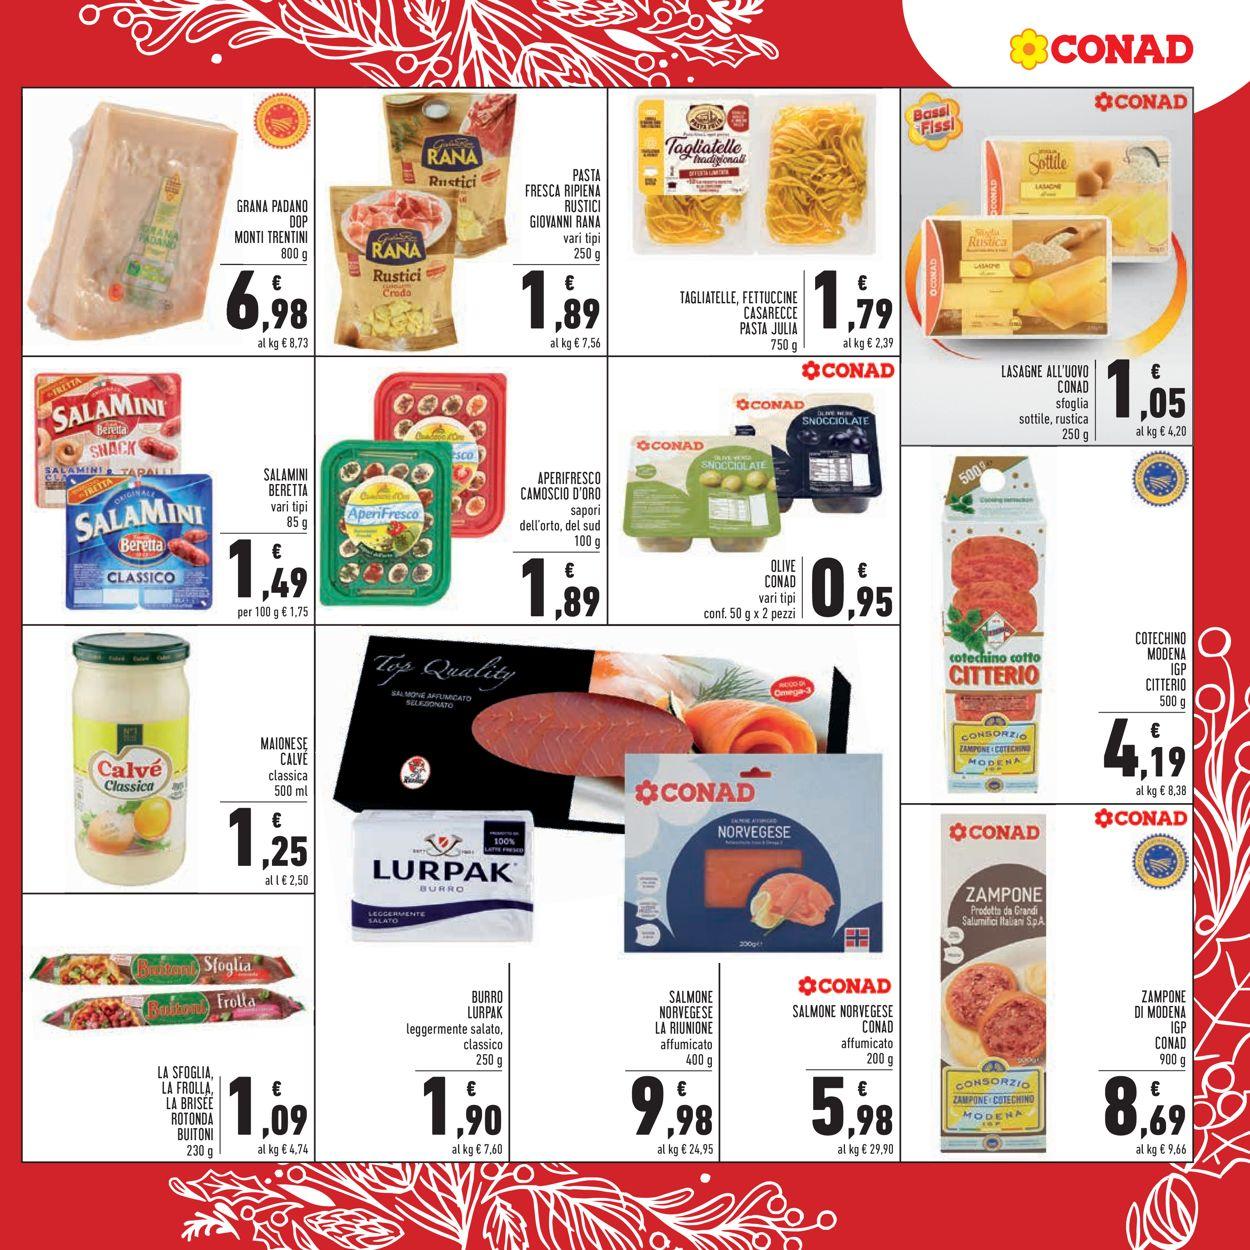 Volantino Conad - Natale 2020 - Offerte 09/12-31/12/2020 (Pagina 9)